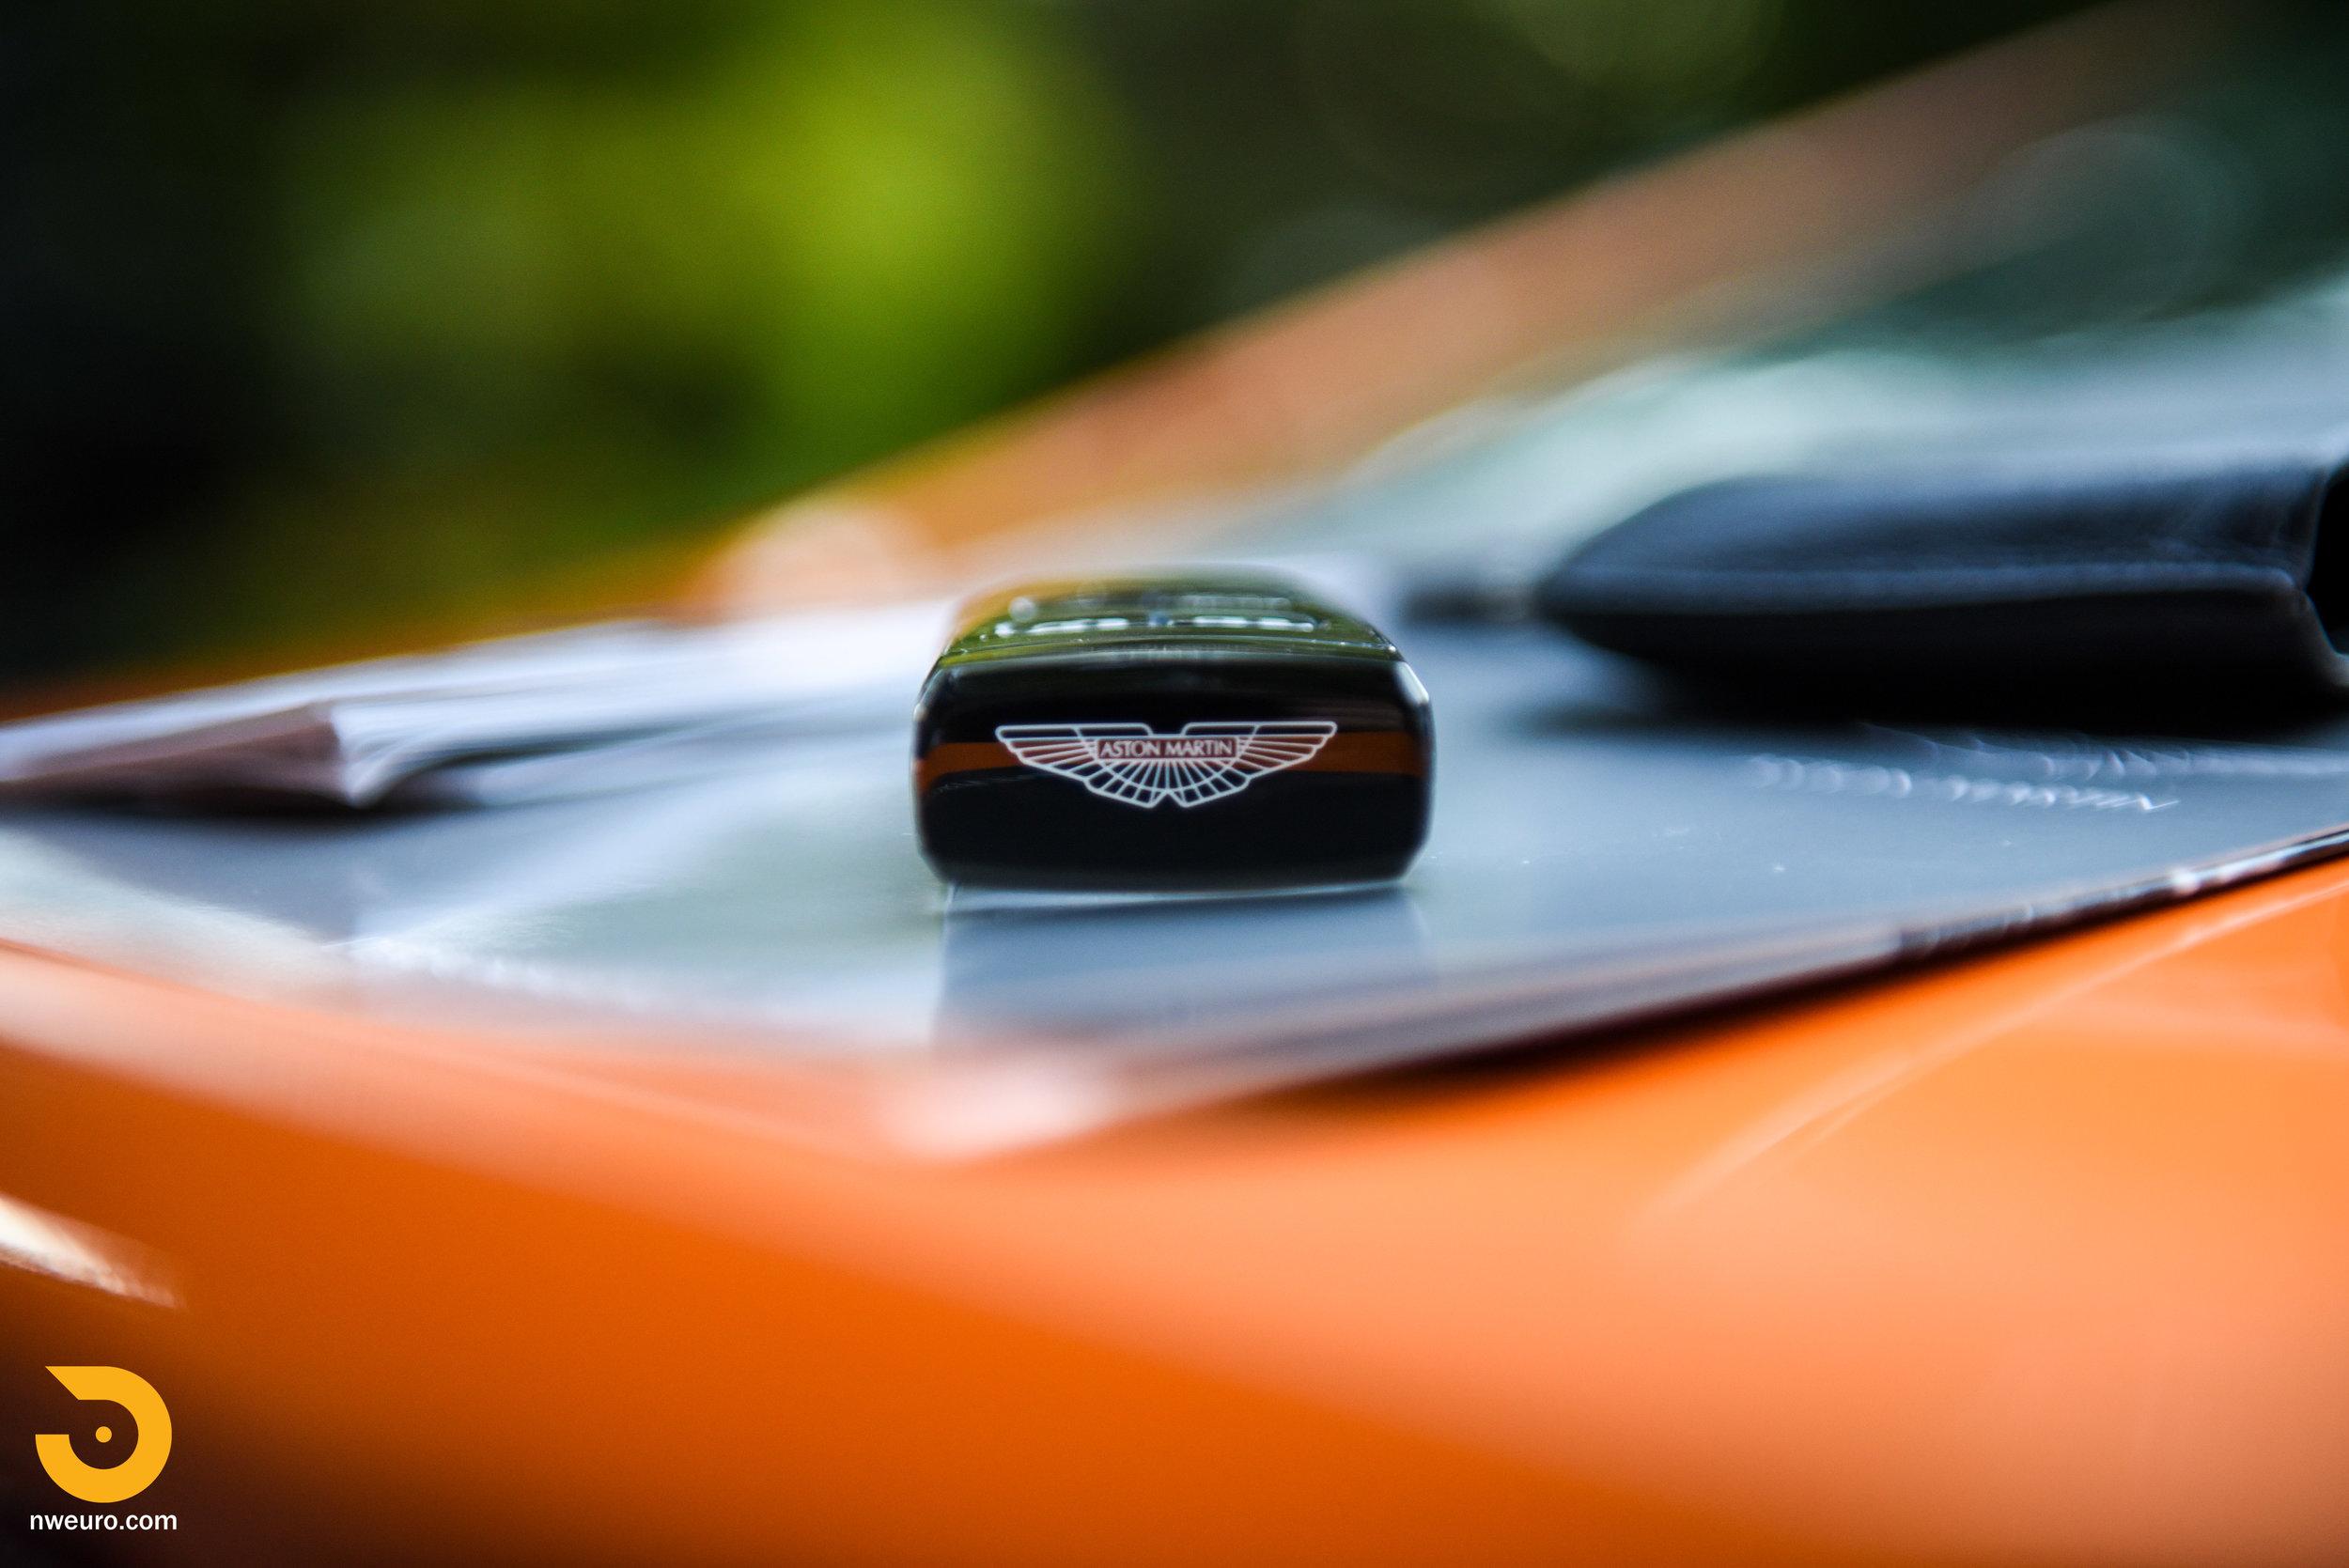 2009 Aston Martin V8 Vantage-53.jpg